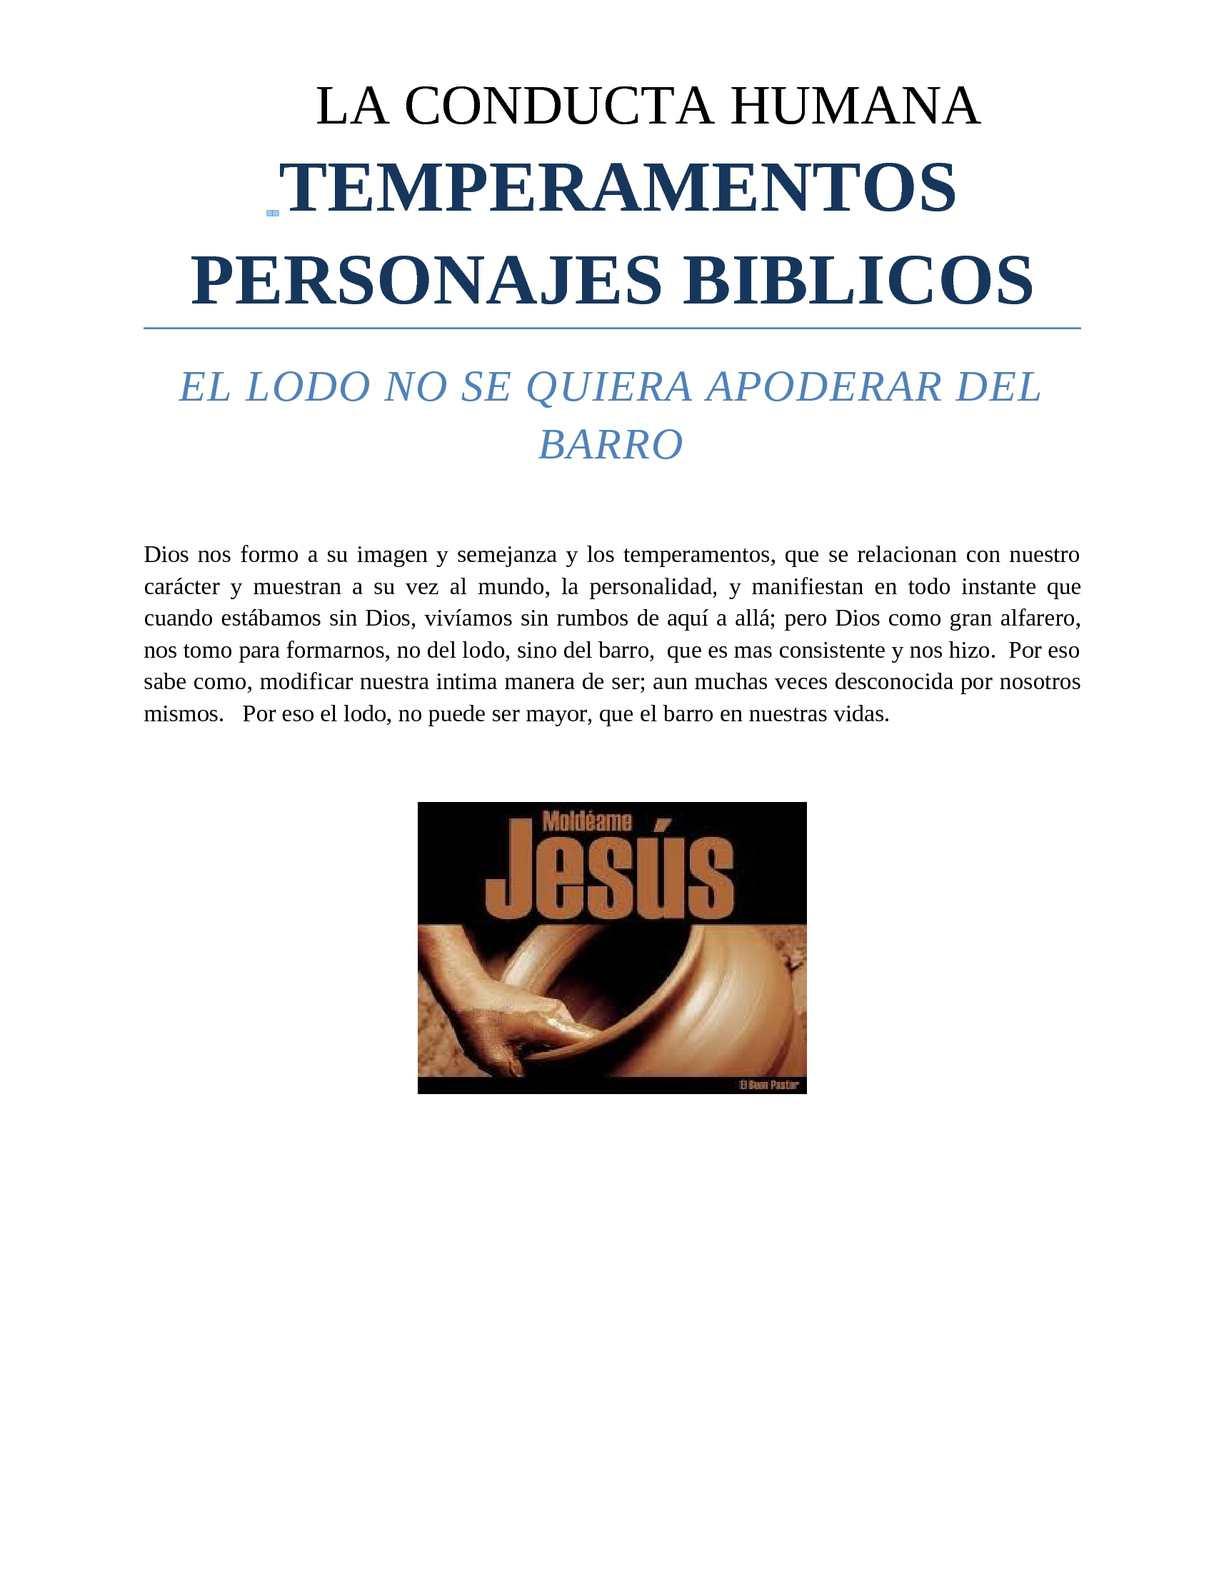 TEMPERAMENTOS PERSONAJES BIBLICOS